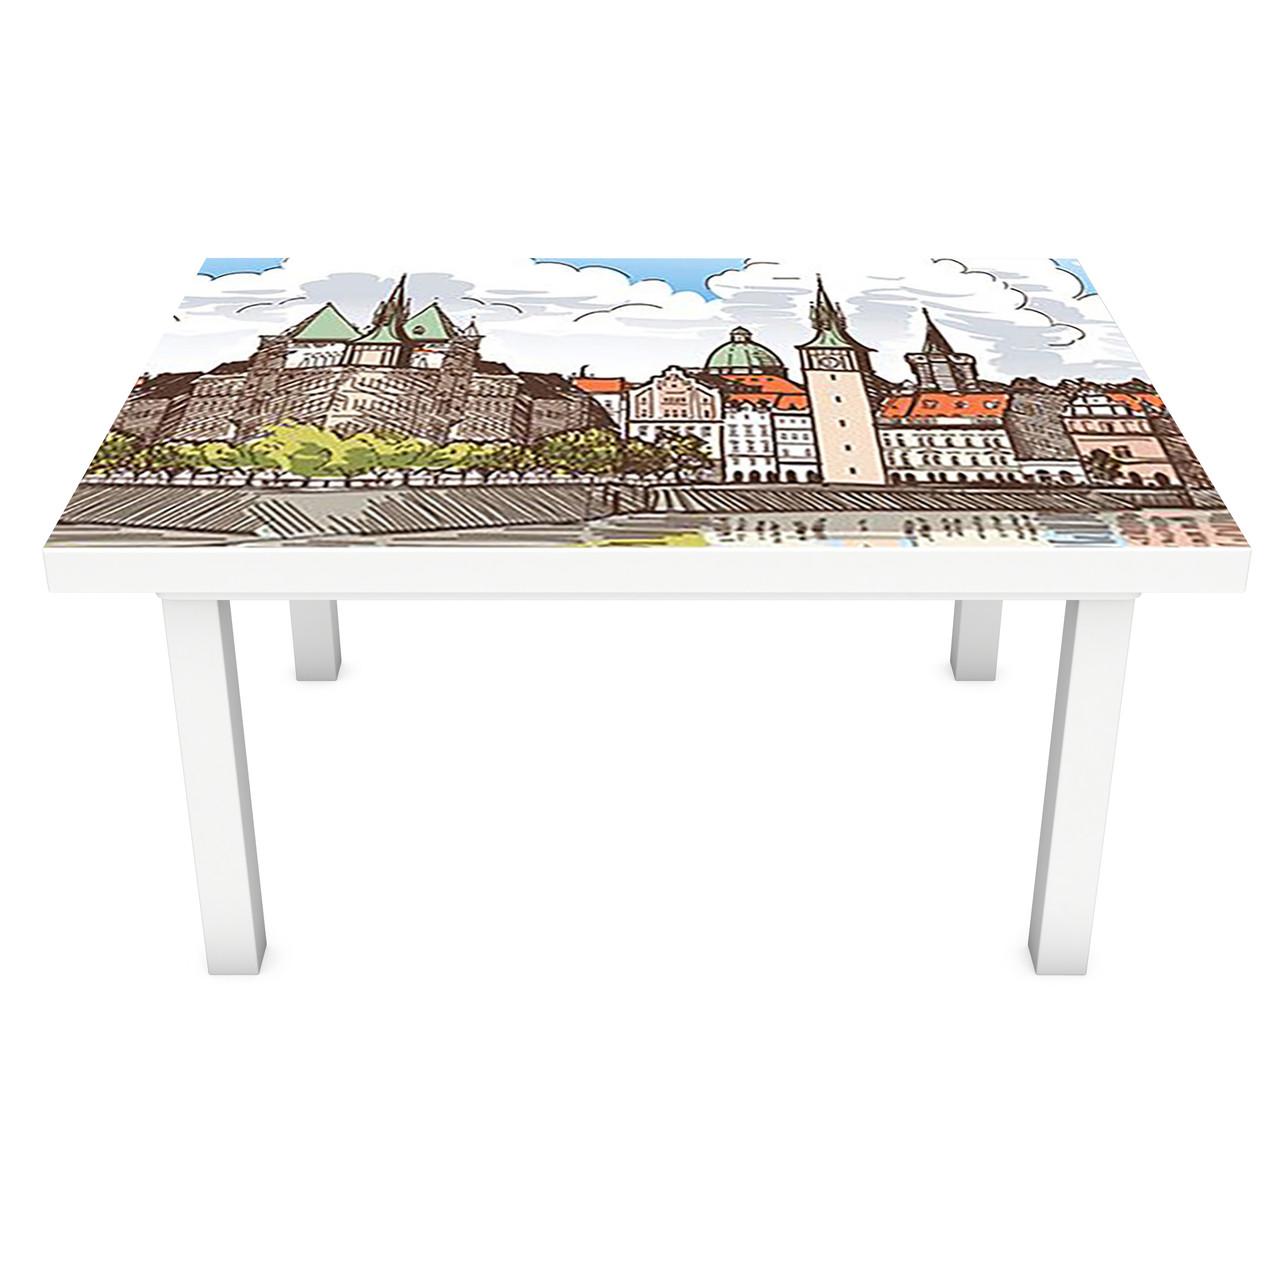 Наклейка на стол Крепость ПВХ интерьерная пленка для мебели карандаш рисунок замок город 600*1200 мм